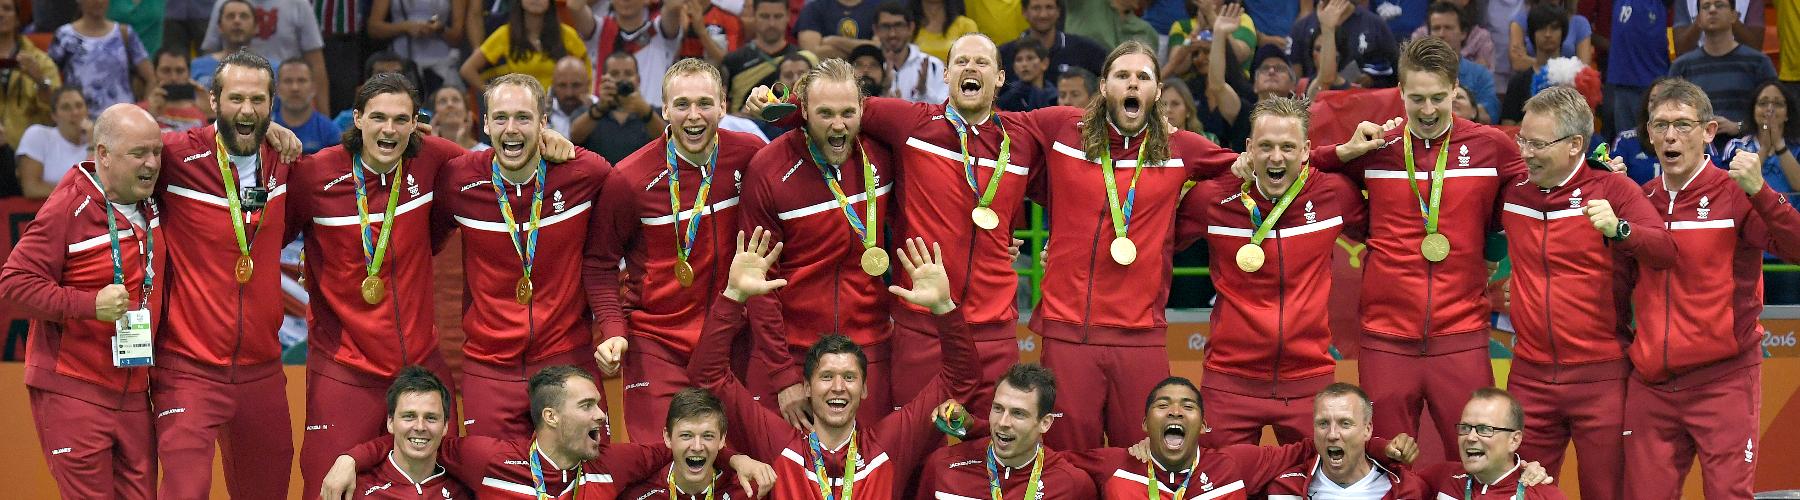 Dansk Håndbold Forbund cover image